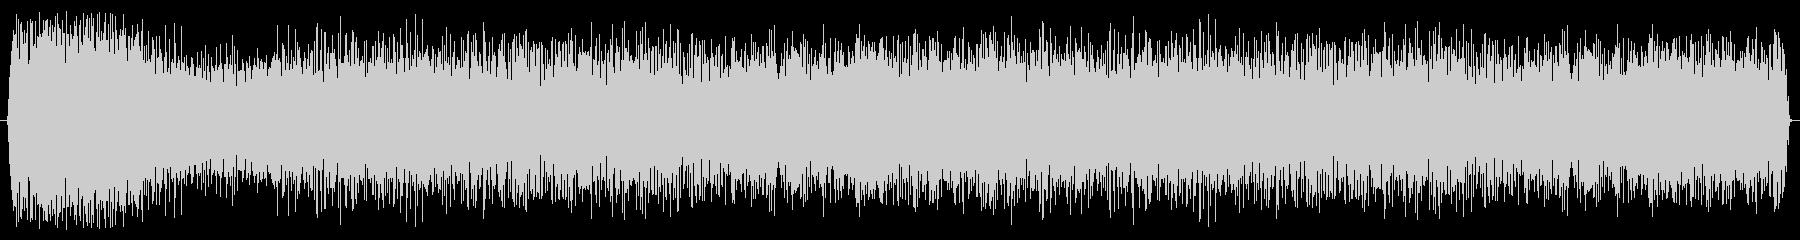 ブースター ヒューシュフライ01の未再生の波形